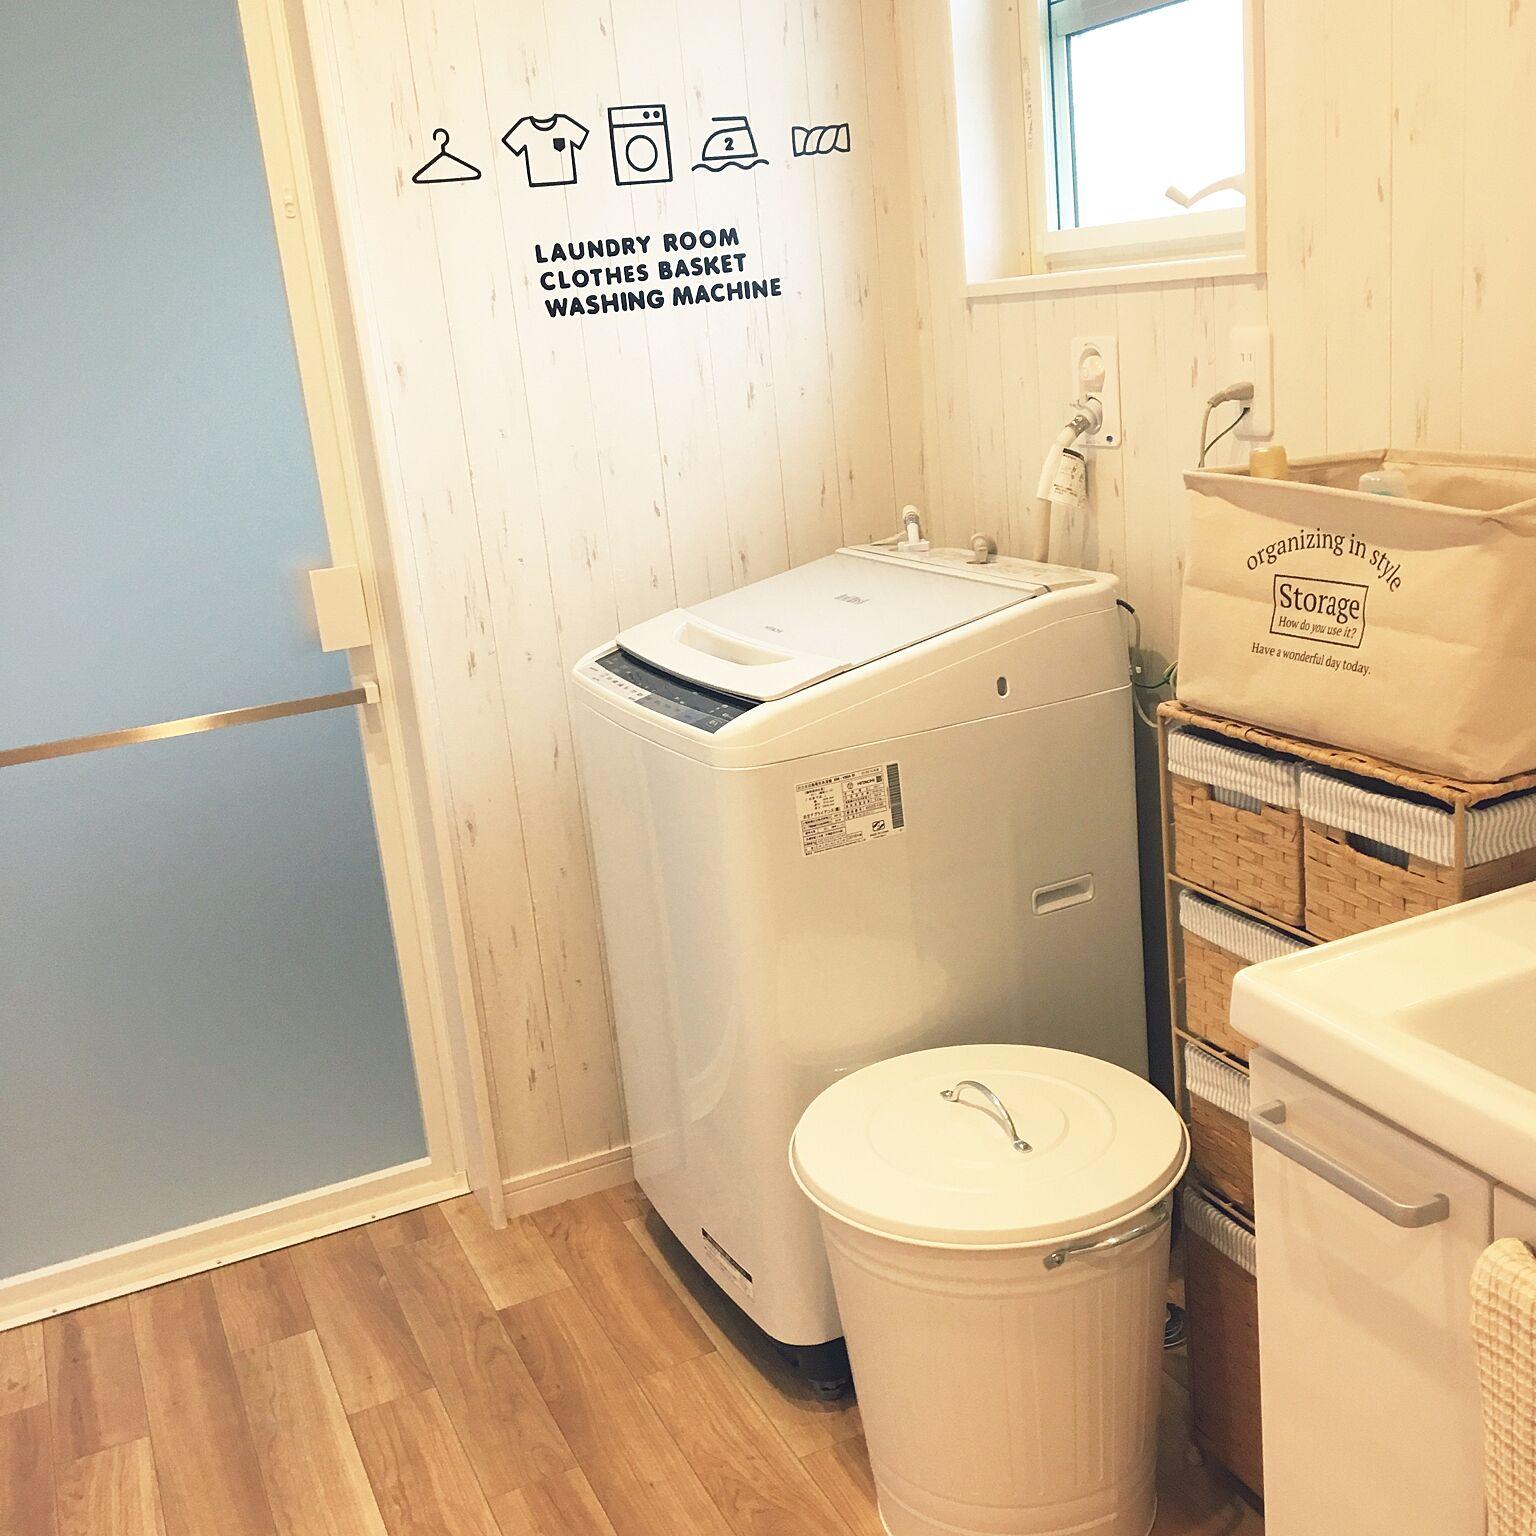 こちらはランドリー専用の棚を洗濯機の隣に置いて収納しているアイディアです。バスケットなどを使ってこまごましたものも見えないように収納。